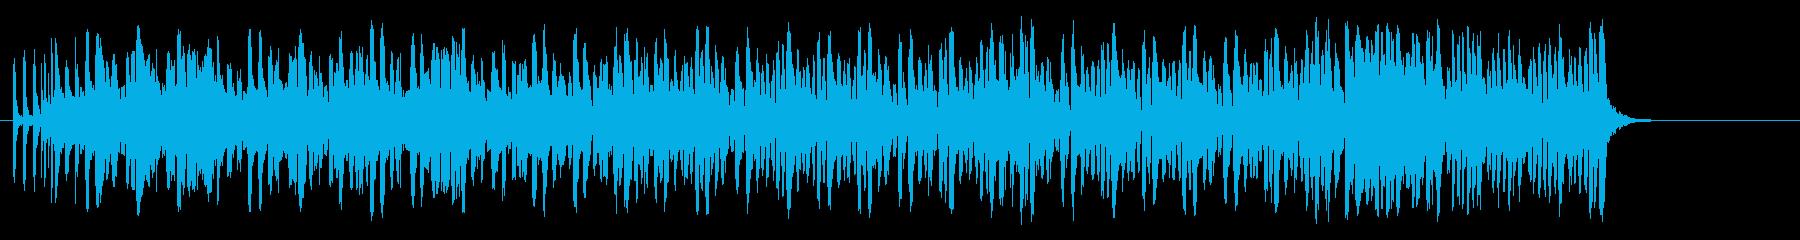 陽気なリゾート風レゲエ/ポップの再生済みの波形